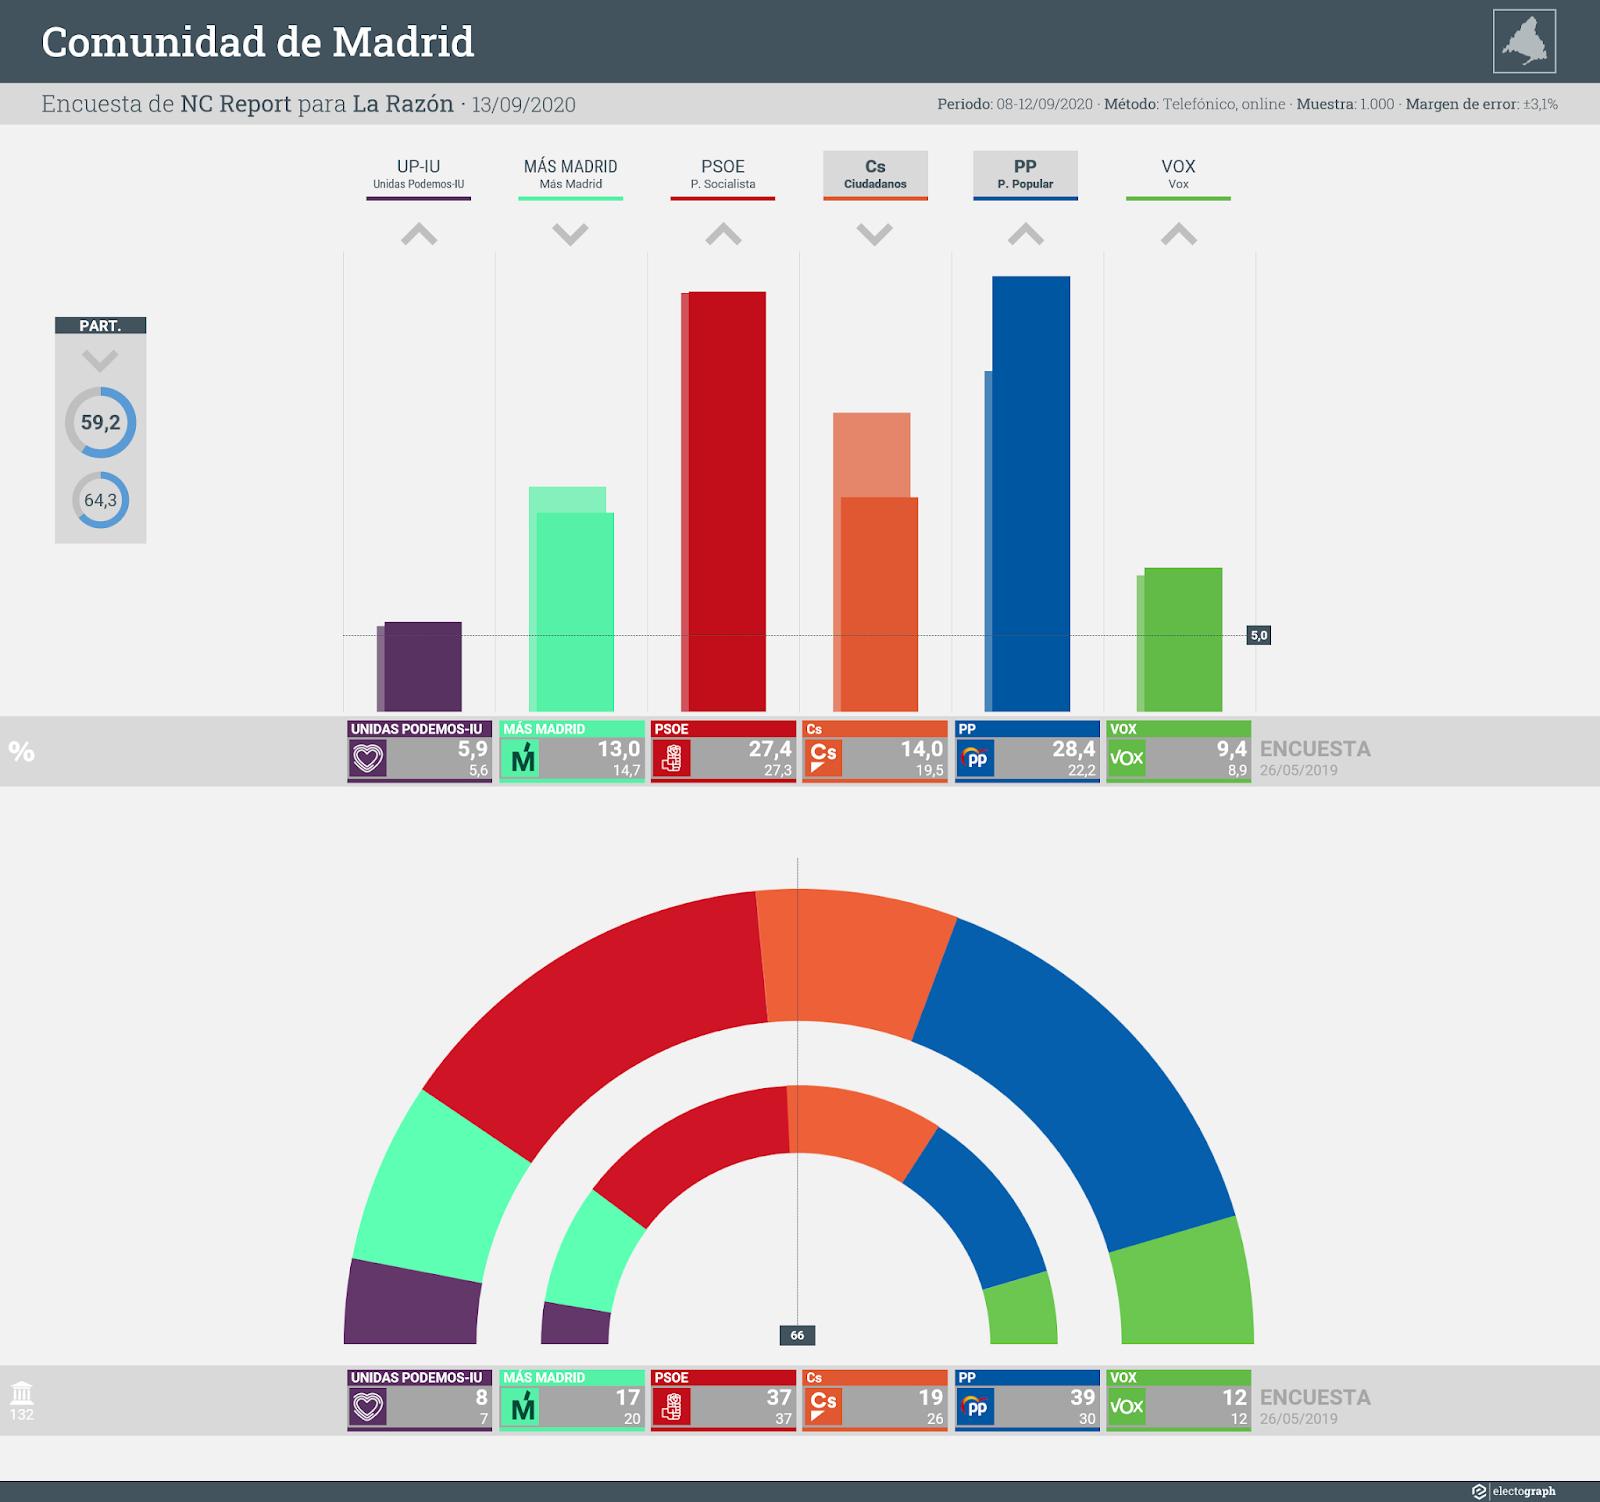 Gráfico de la encuesta para elecciones autonómicas en la Comunidad de Madrid realizada por NC Report para La Razón, 13 de septiembre de 2020